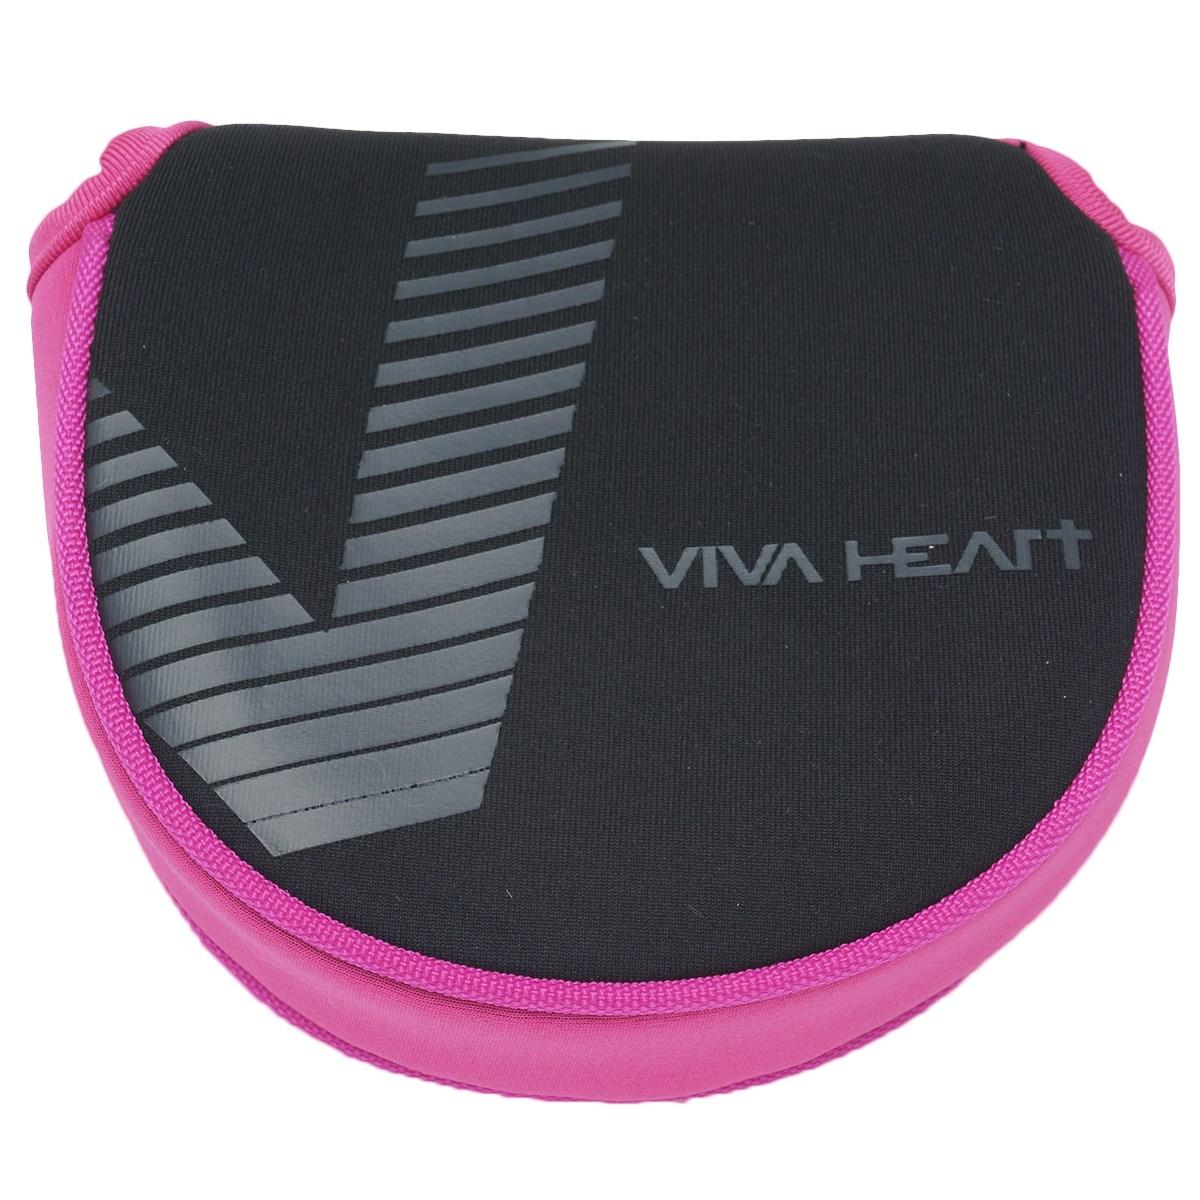 ビバハート VIVA HEART GDO限定 ネオプレーンパターカバー ブラック 19